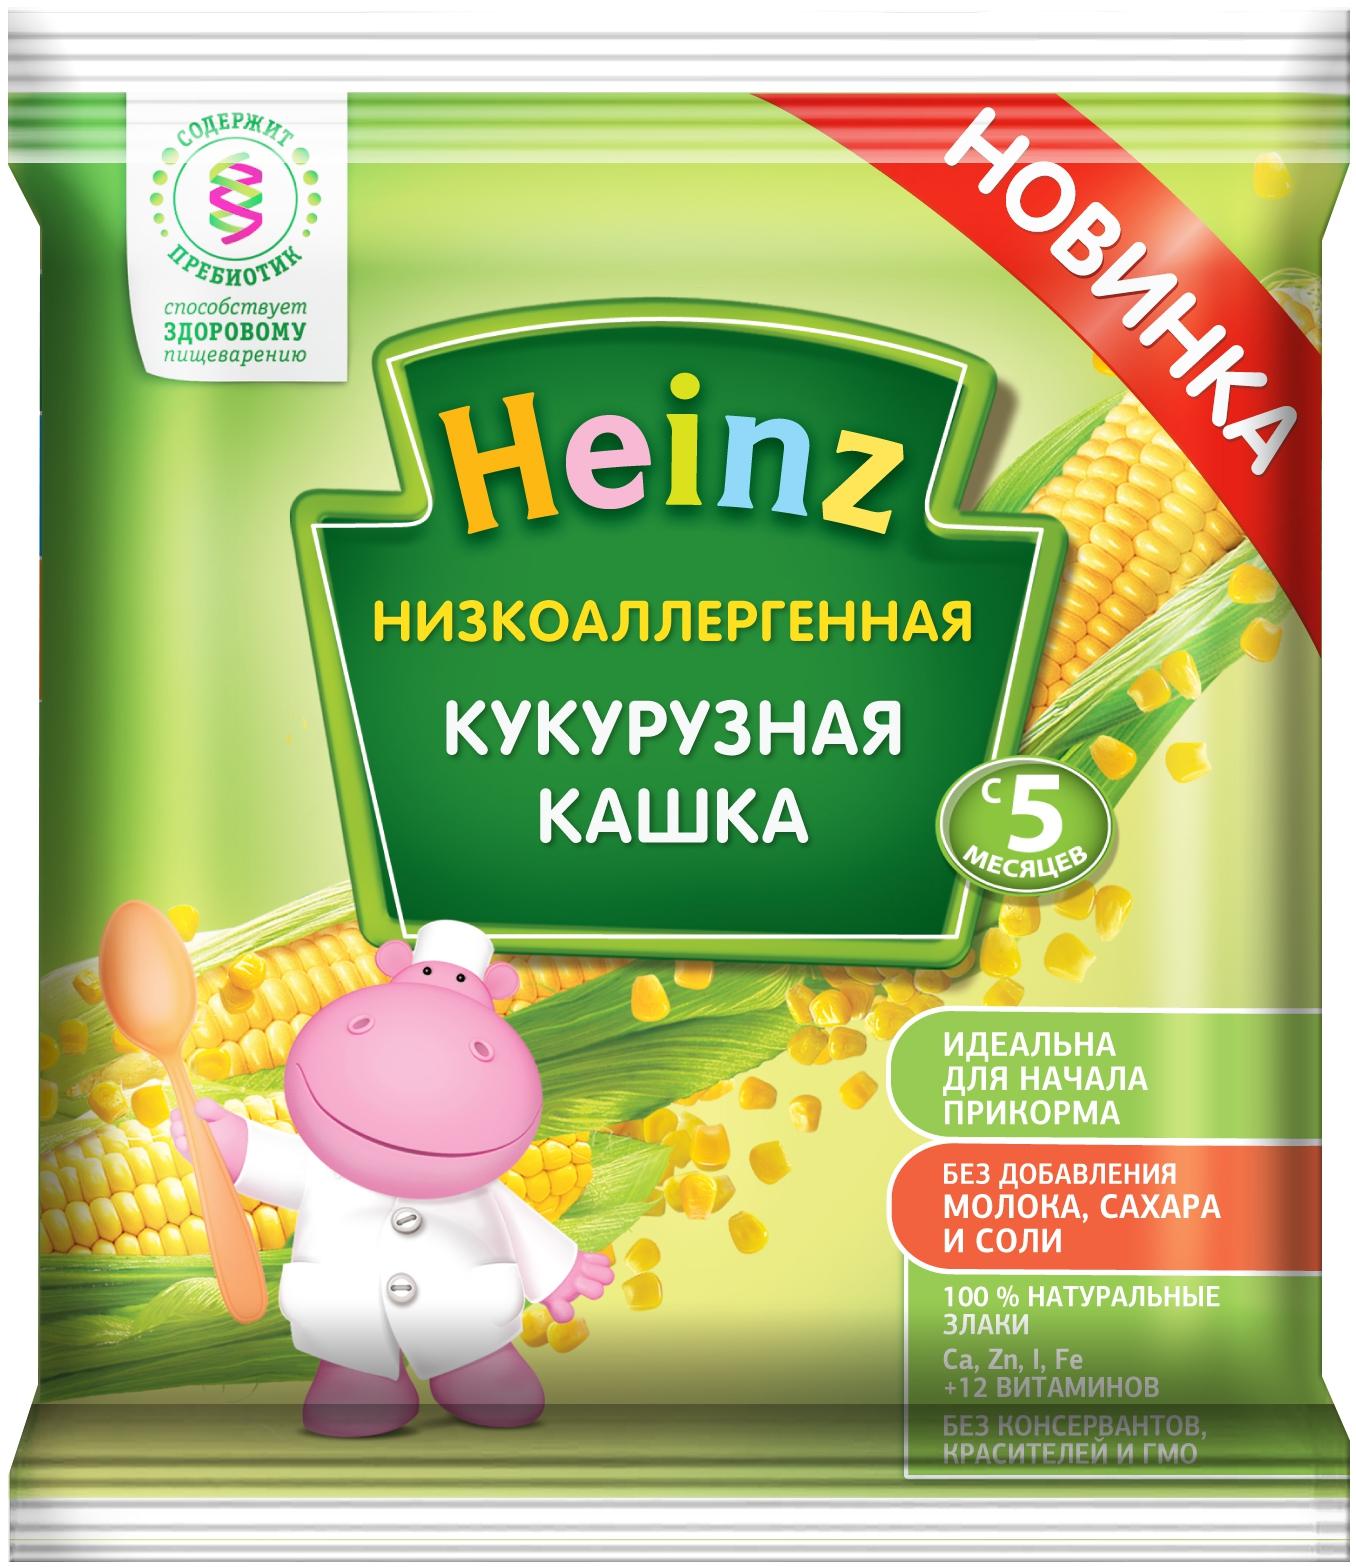 Каша Heinz Heinz Безмолочная кукурузная (c 5 месяцев) 20 г karl heinz bohle dresden in farbe